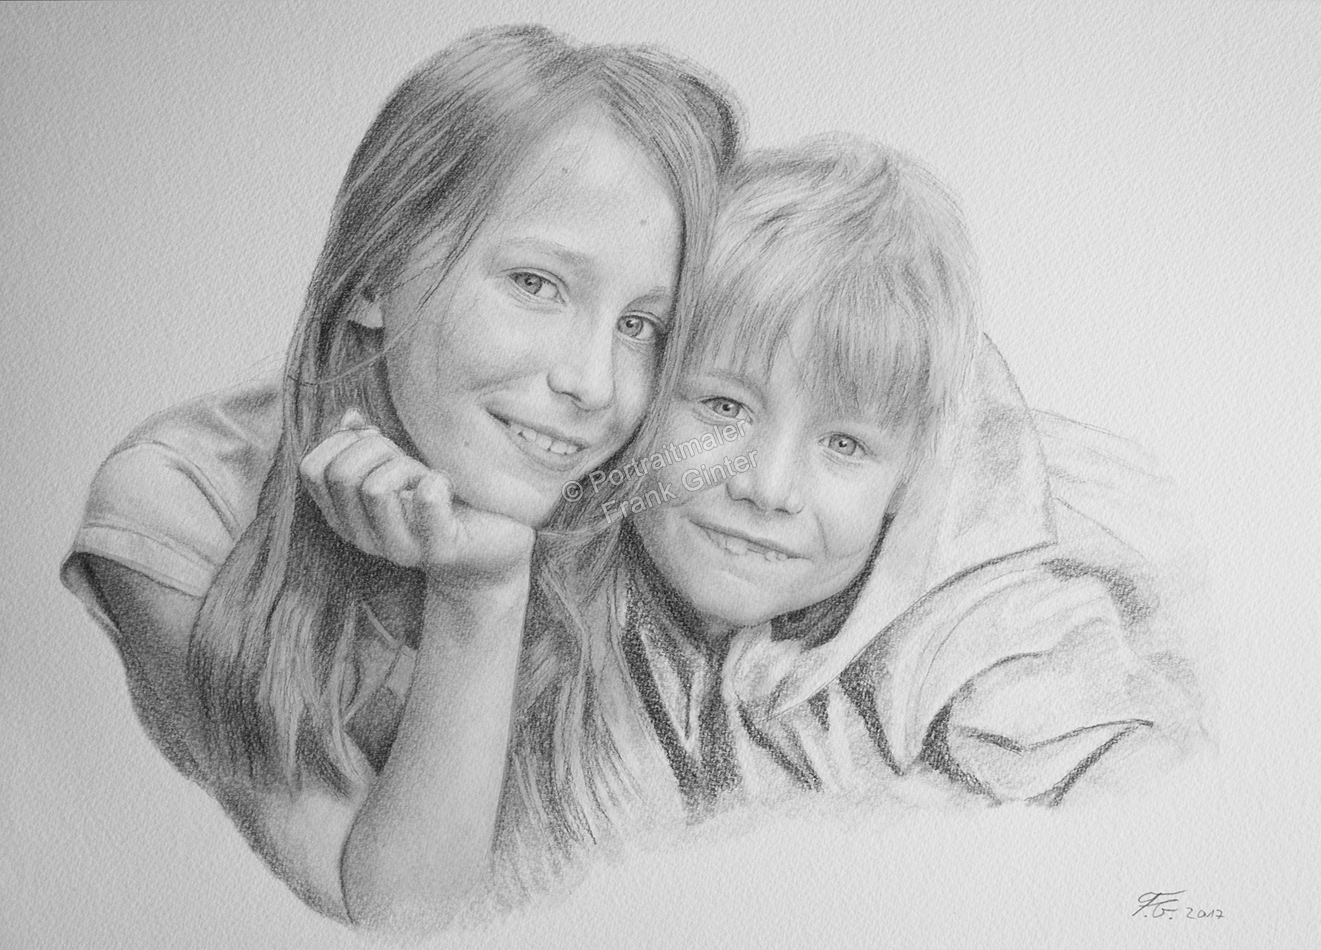 Bleistiftzeichnungen, Portraitzeichnung - Kinder, Bleistiftzeichnung, Kinder-Portraits Geschwister